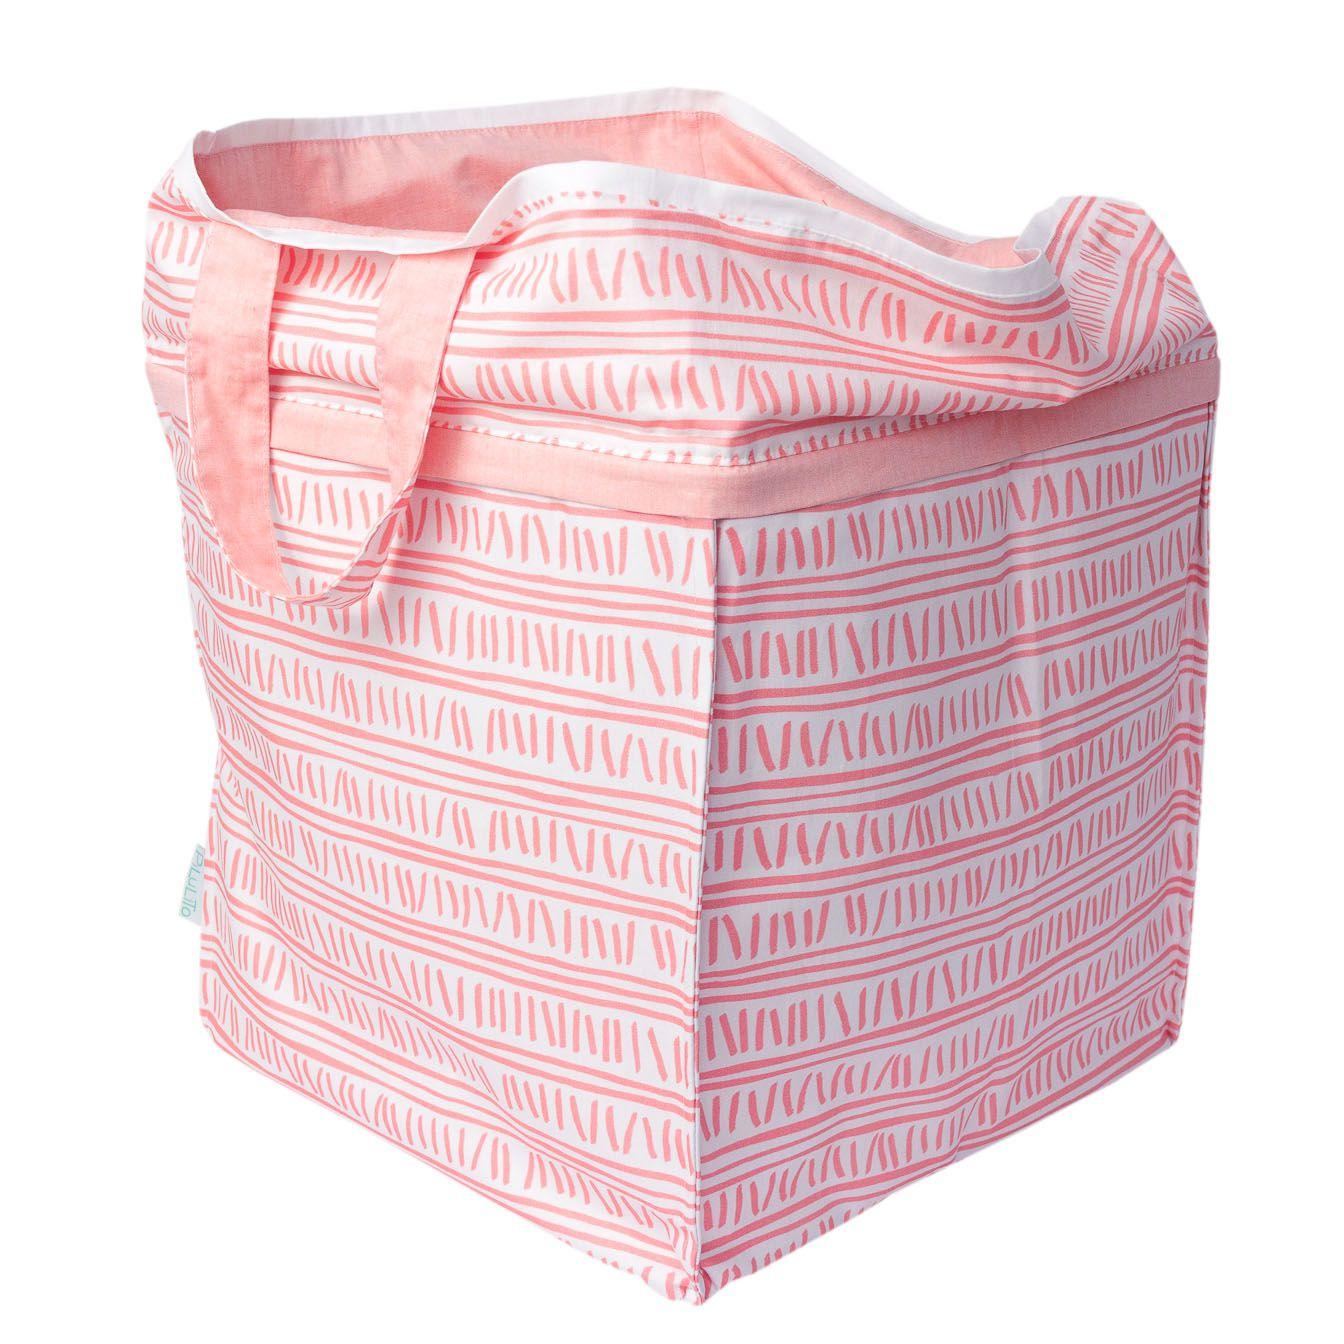 Cesto para brinquedos quadrado trilha rosa